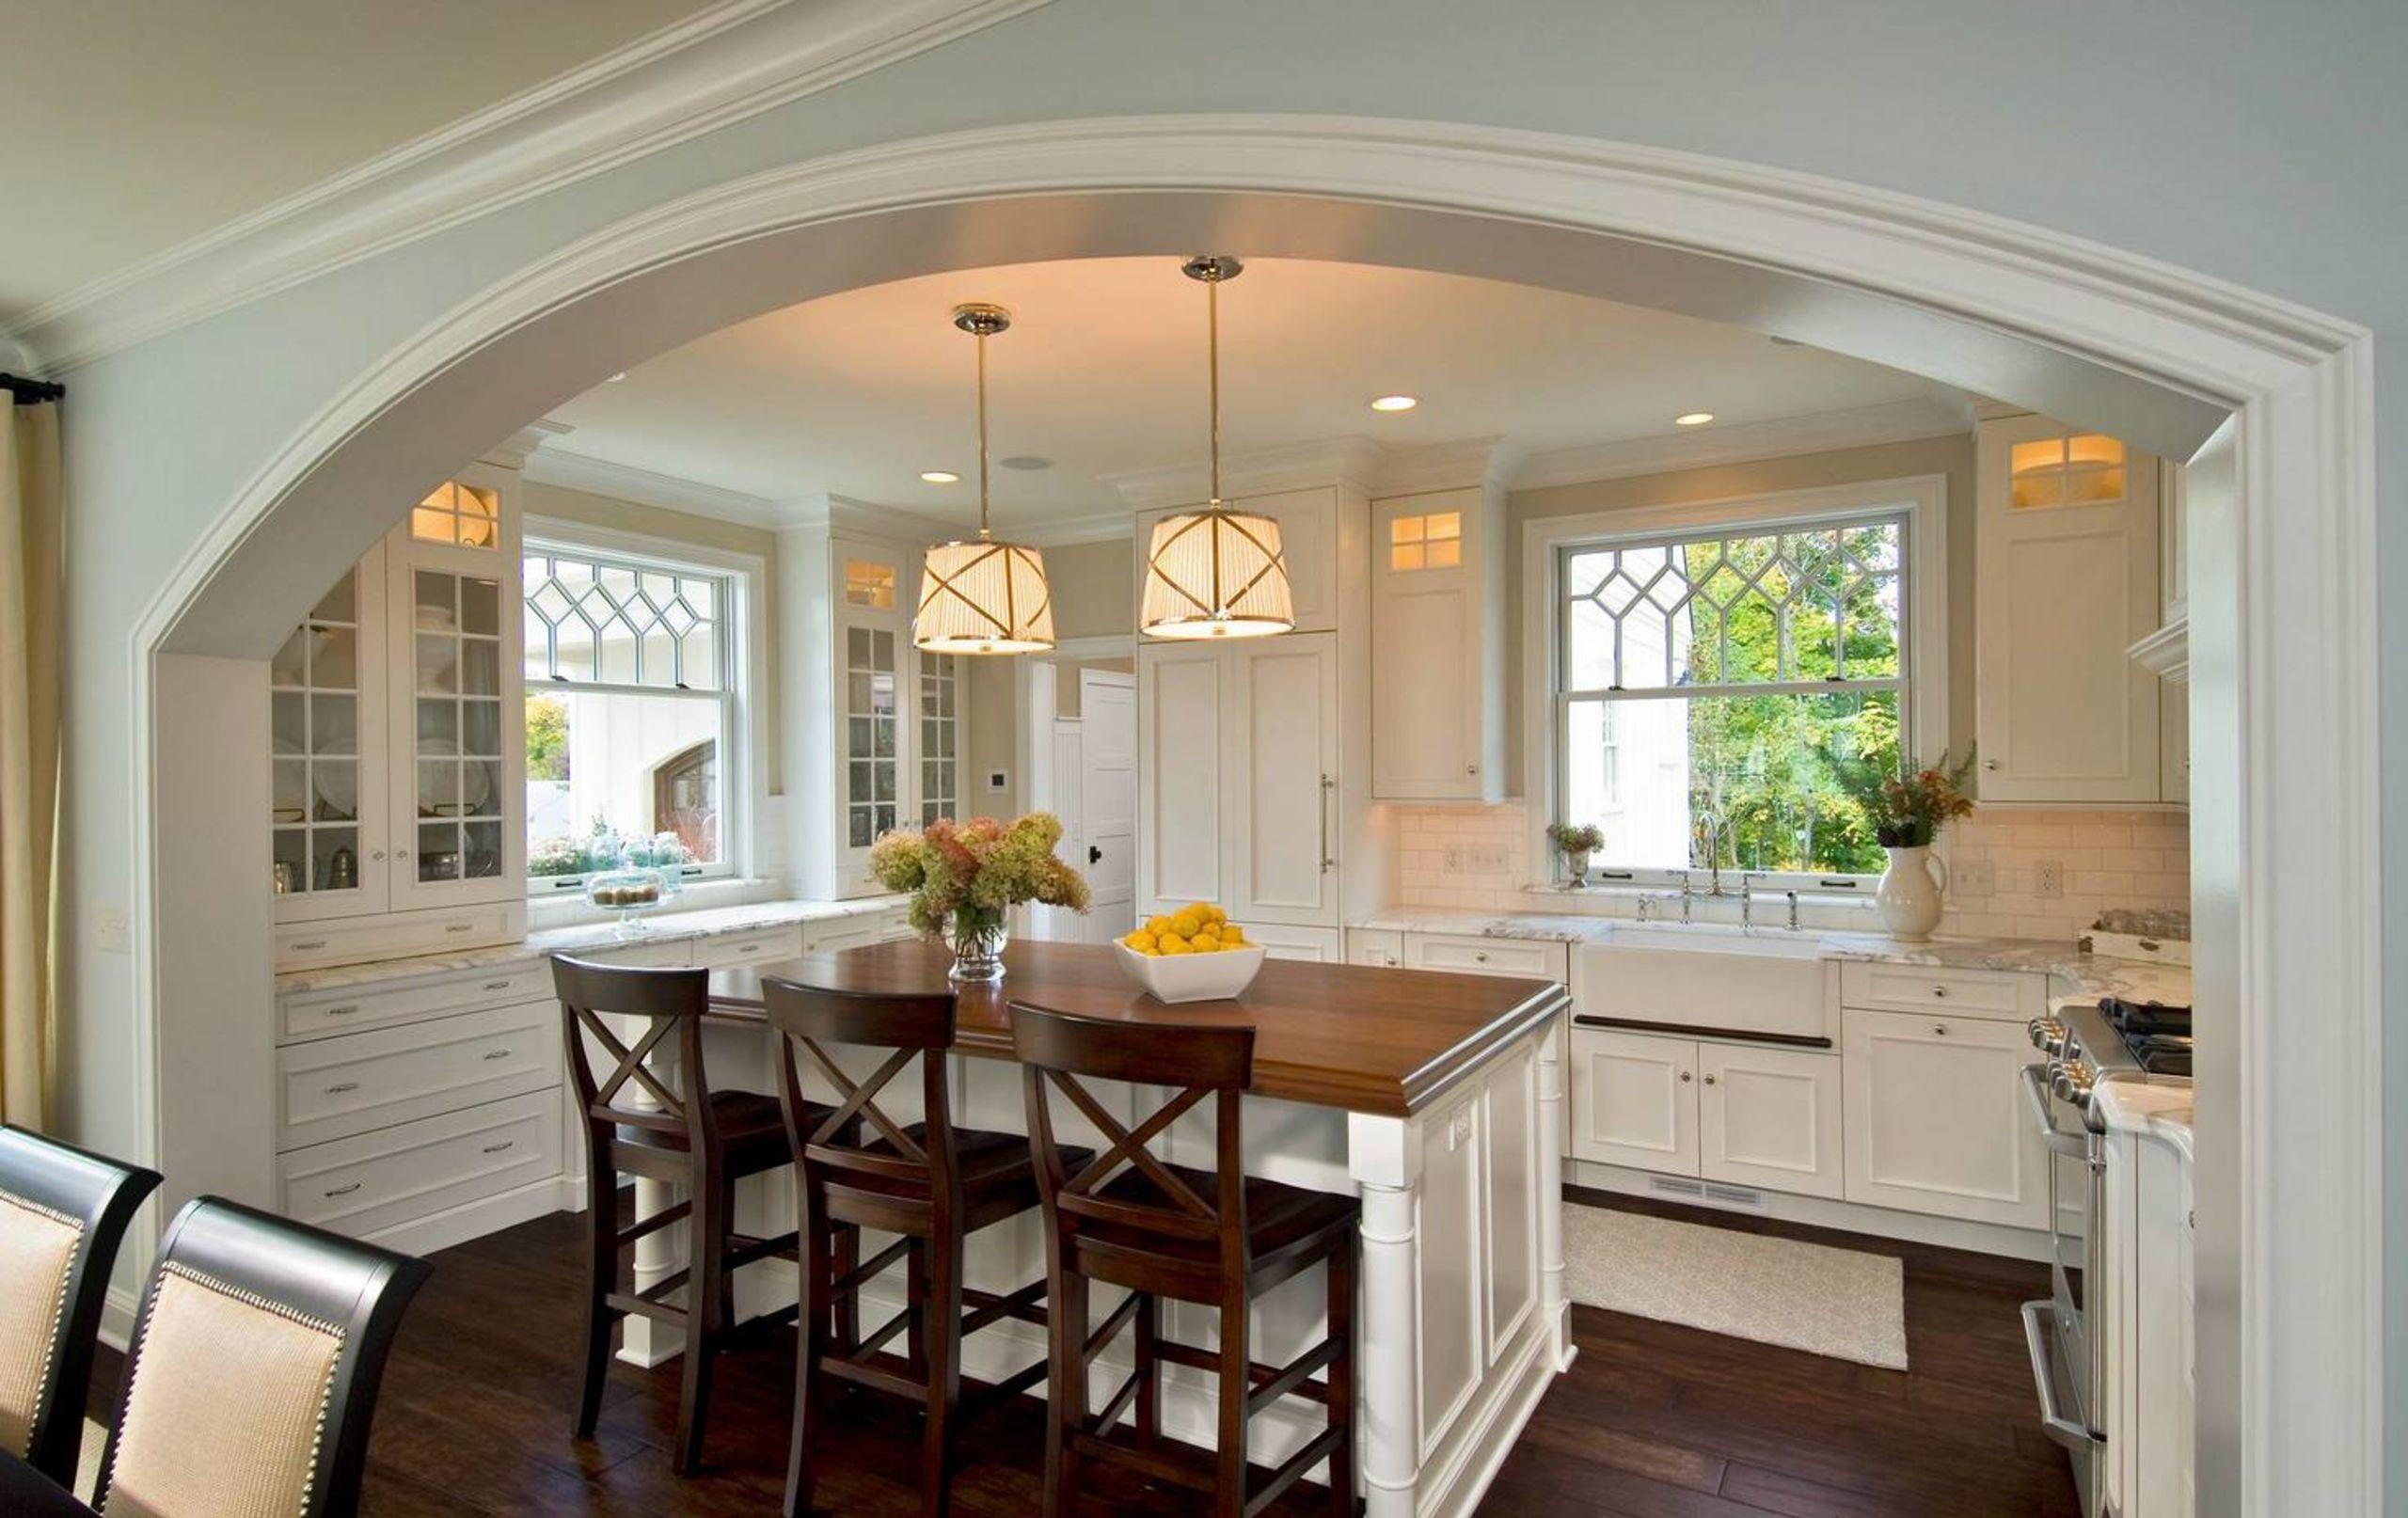 Find your dream kitchen